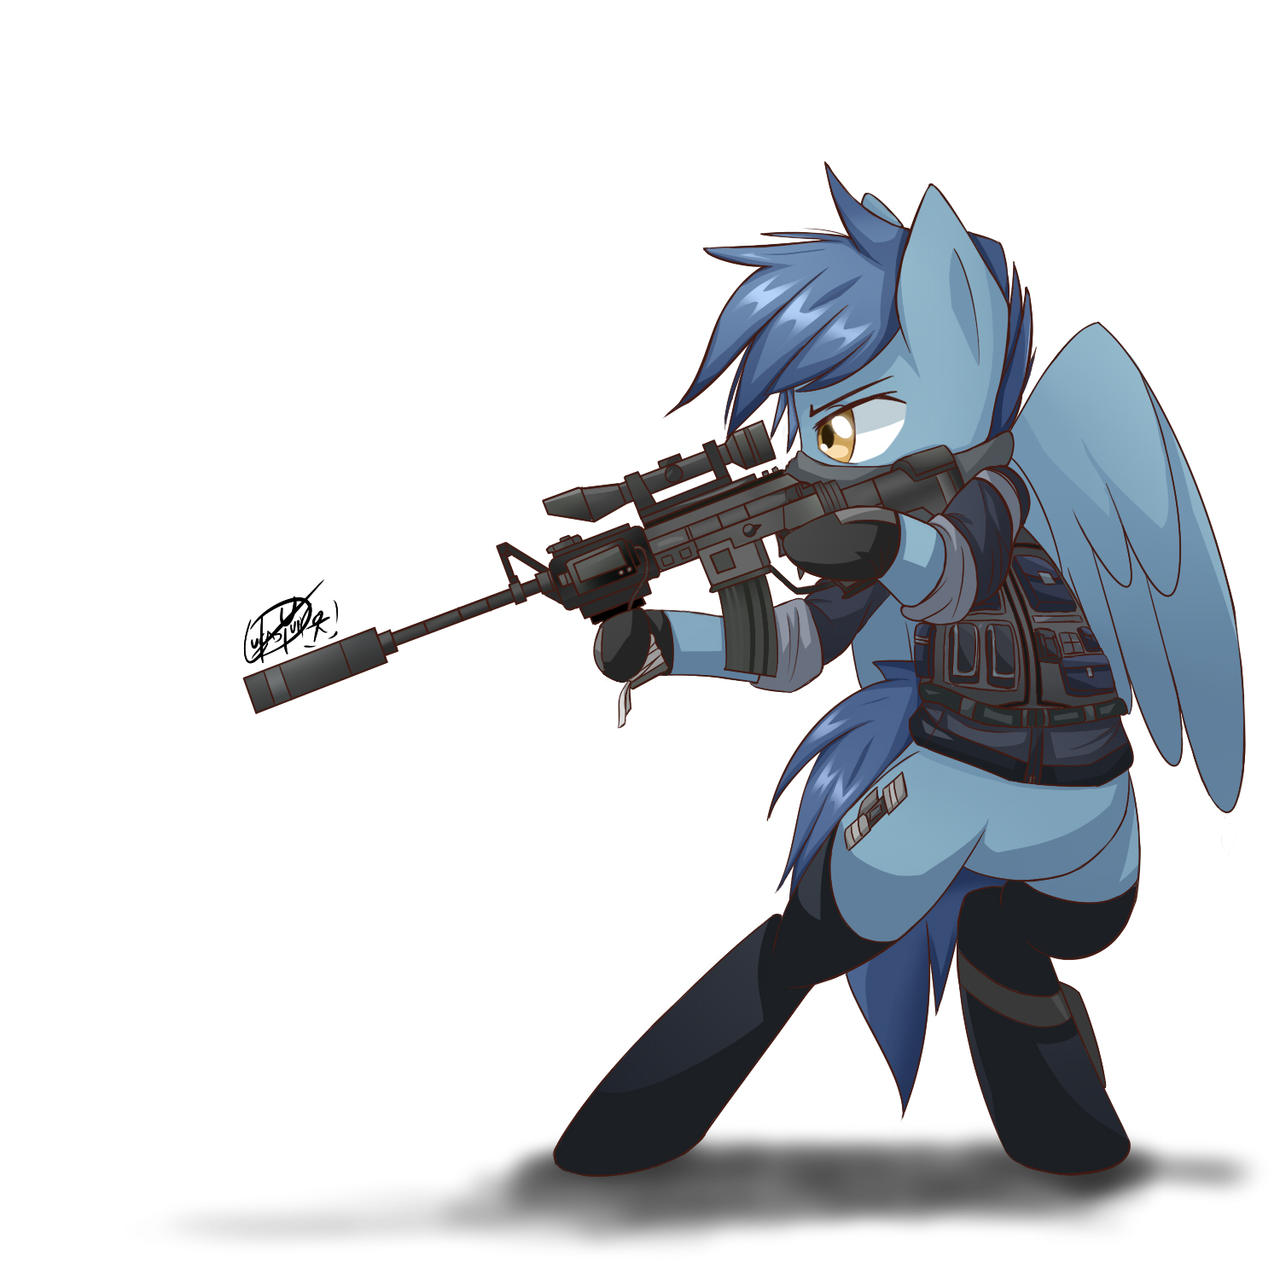 military_pony_by_yunguy1-d88x4py.jpg